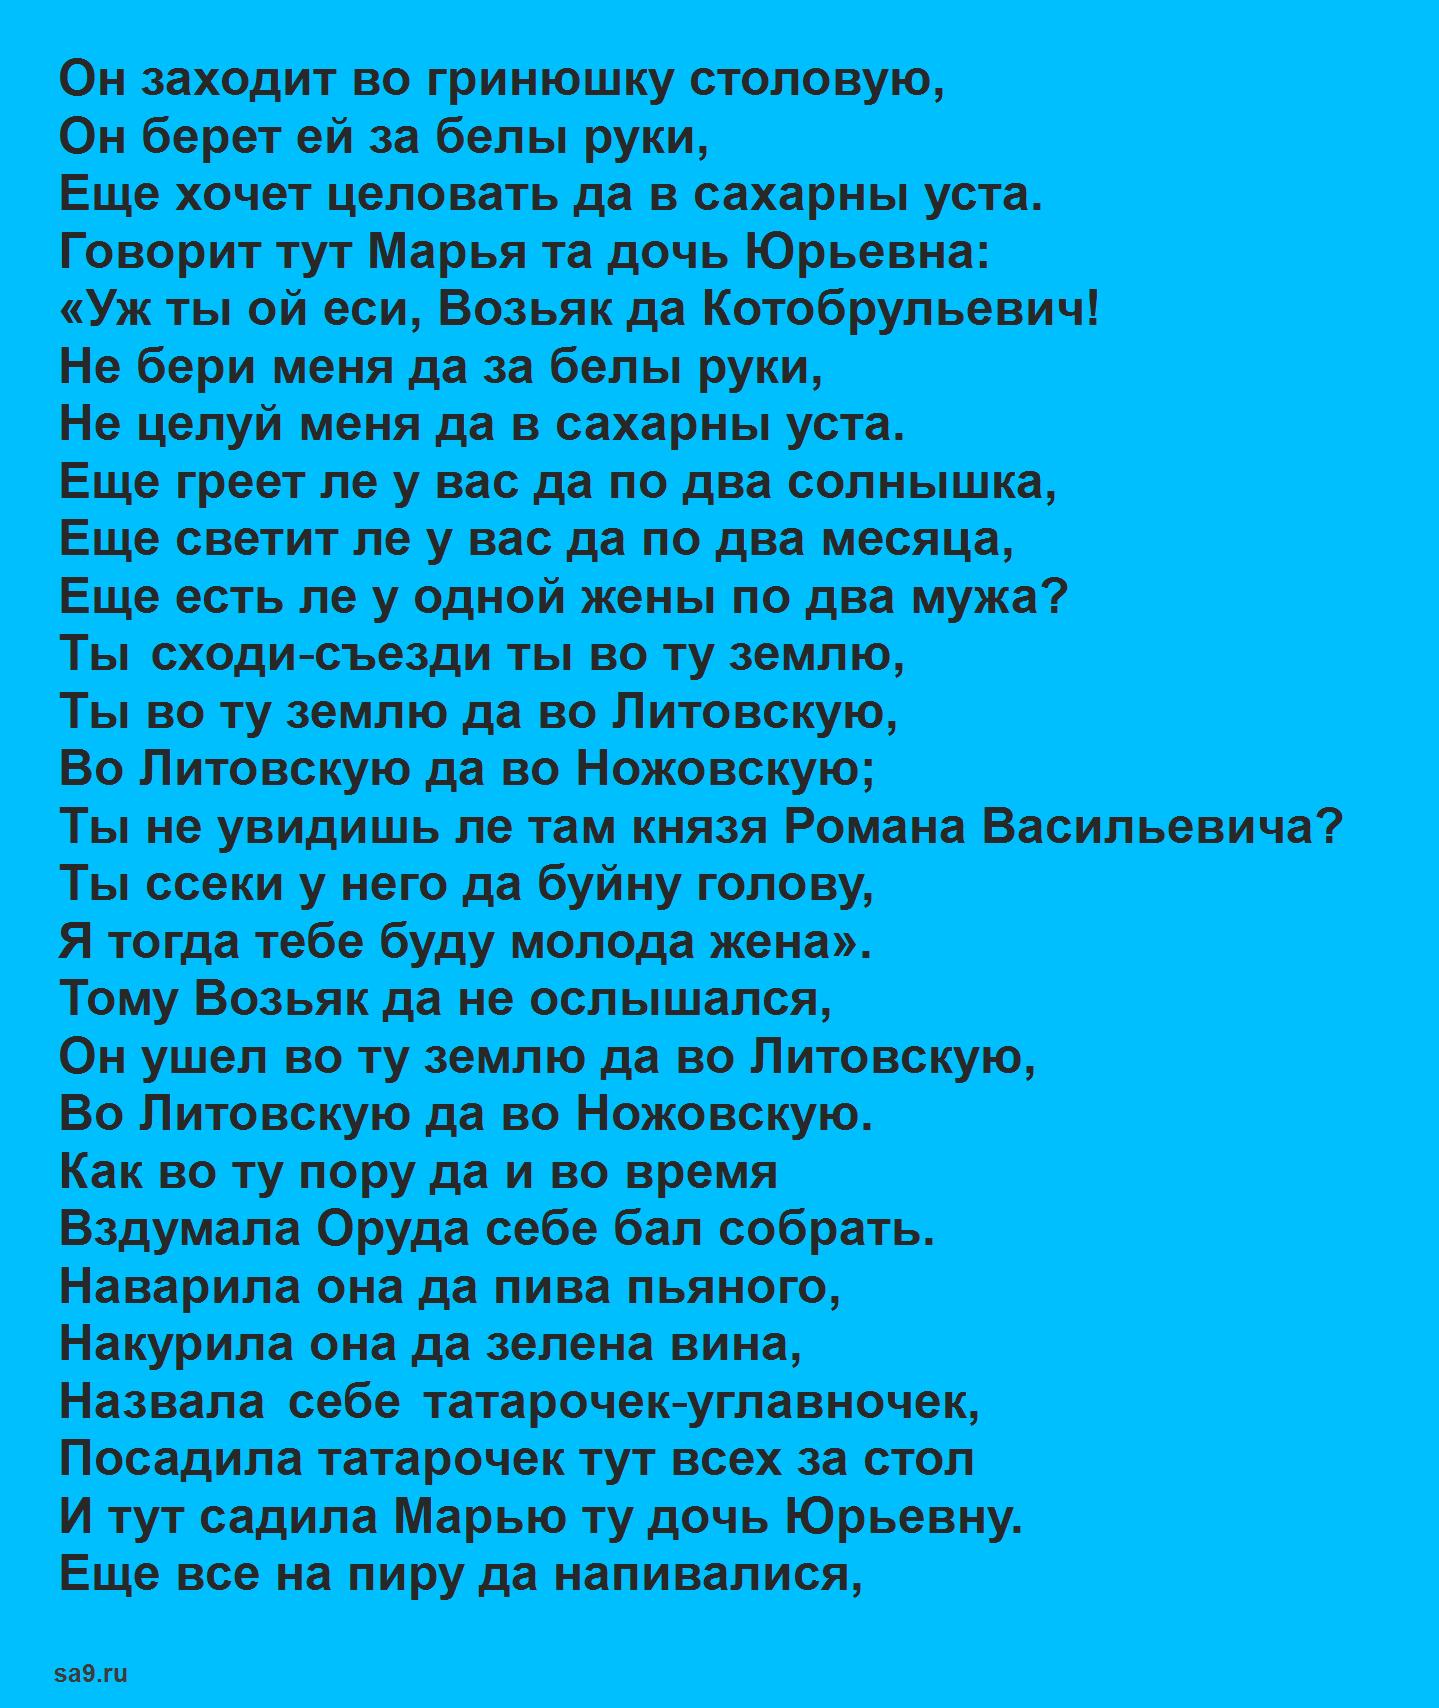 Читать былину - Князь Роман и Марья Юрьевна, полностью бесплатно